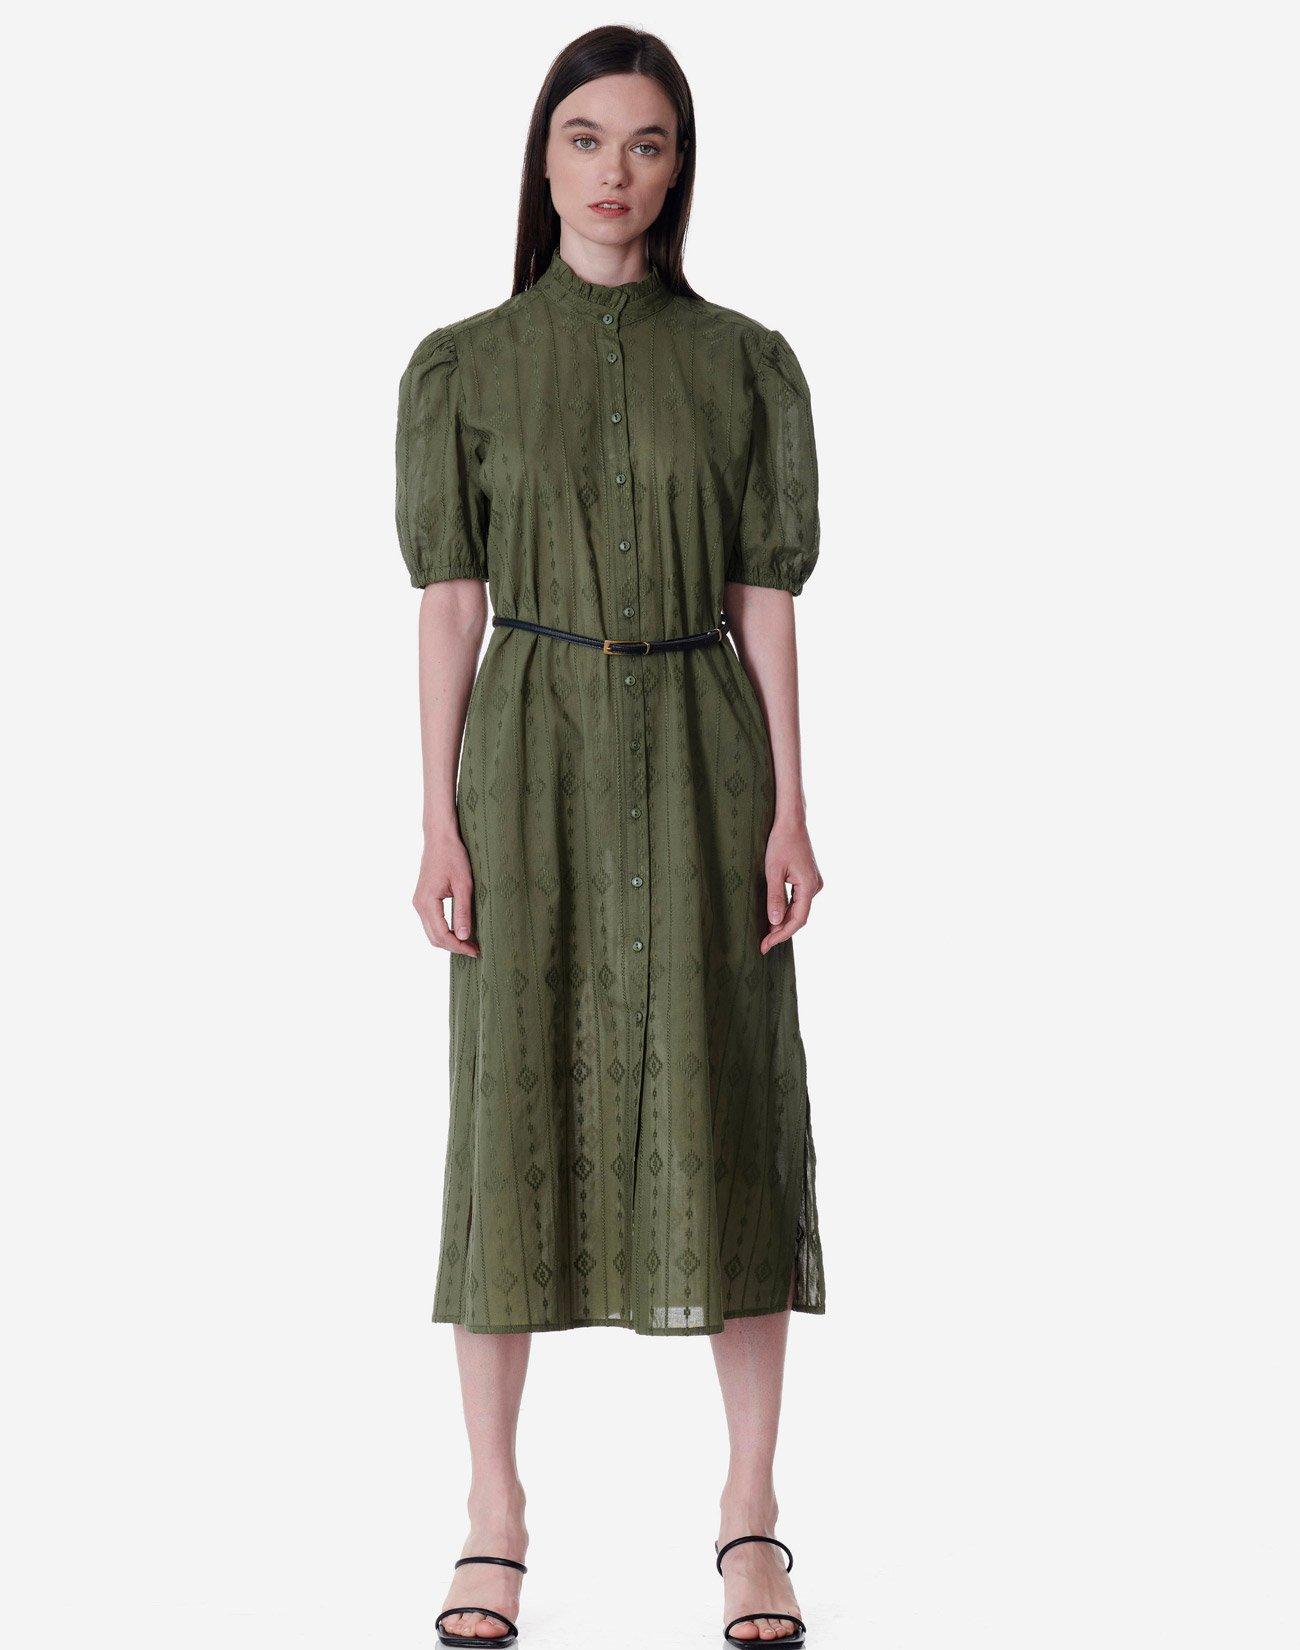 Μίντι φόρεμα με διάτρητο σχέδιο